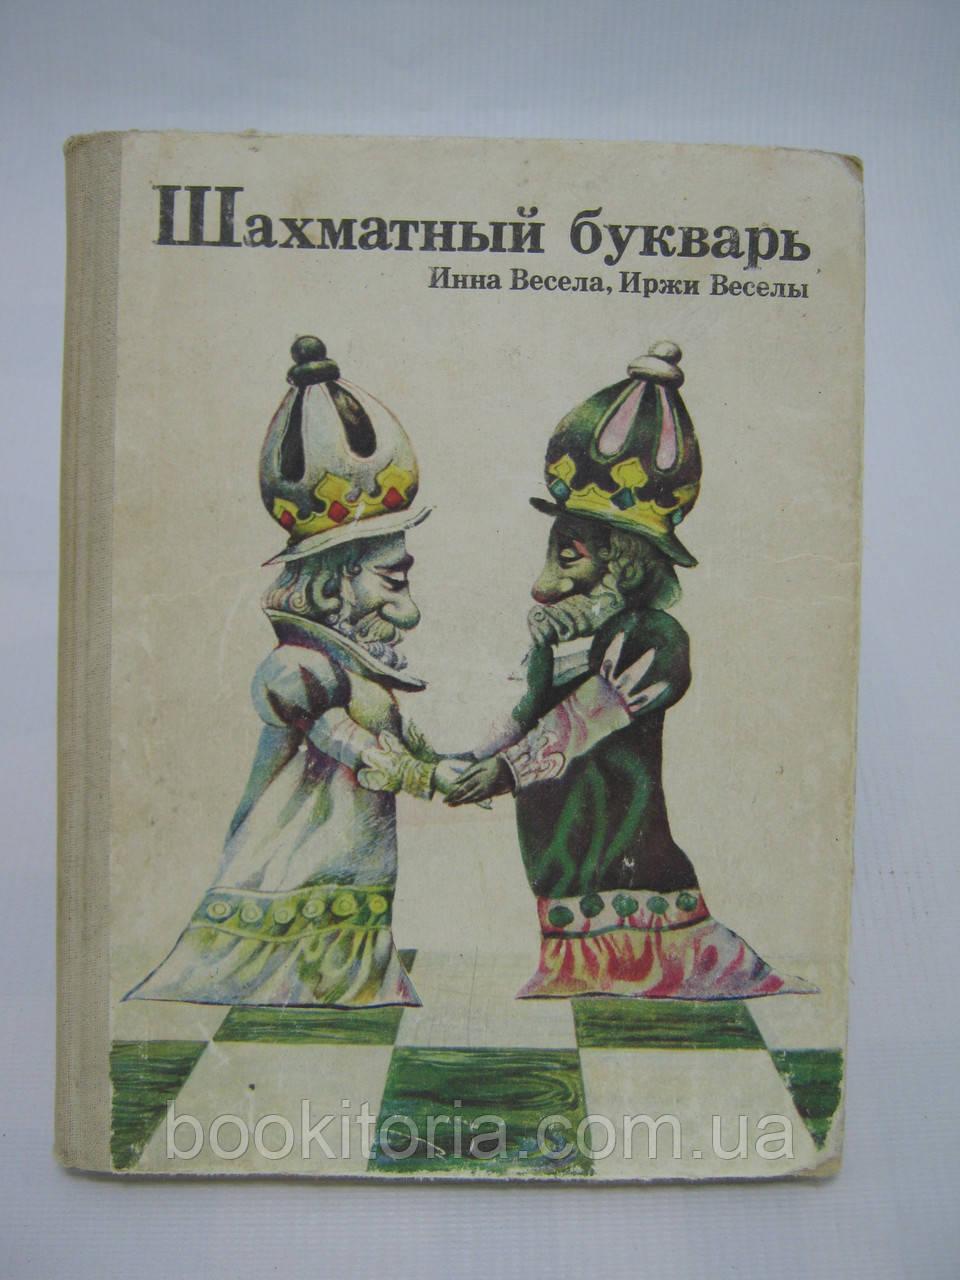 Весела И., Веселы И. Шахматный букварь (б/у).